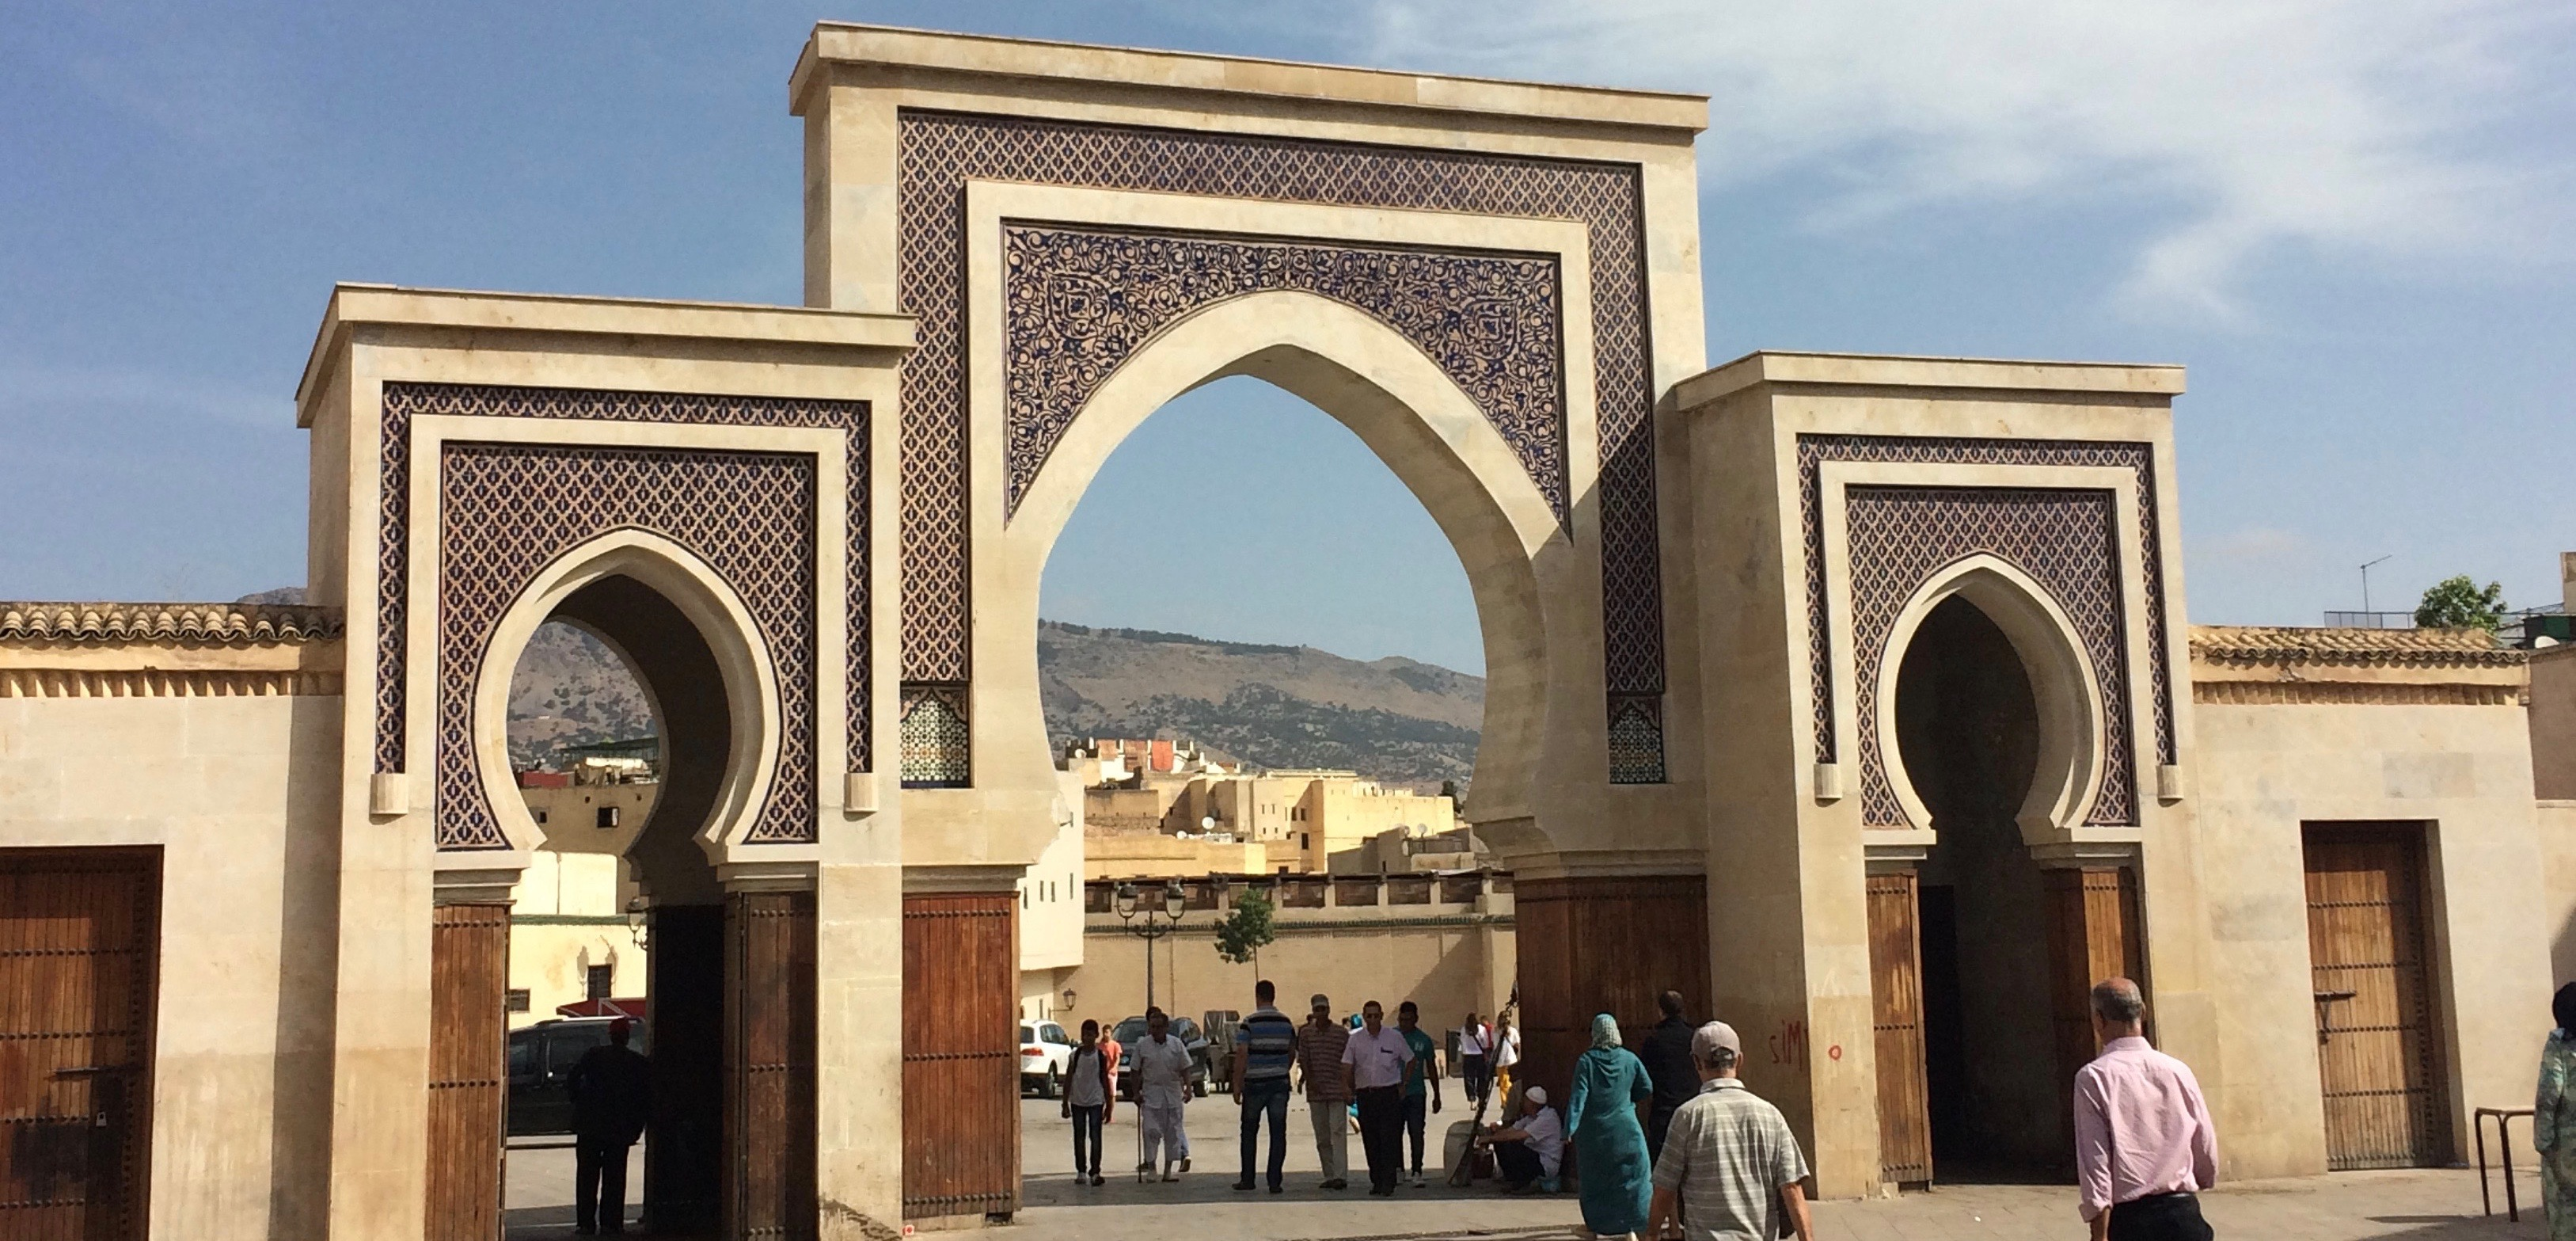 Entryway to Fes medina